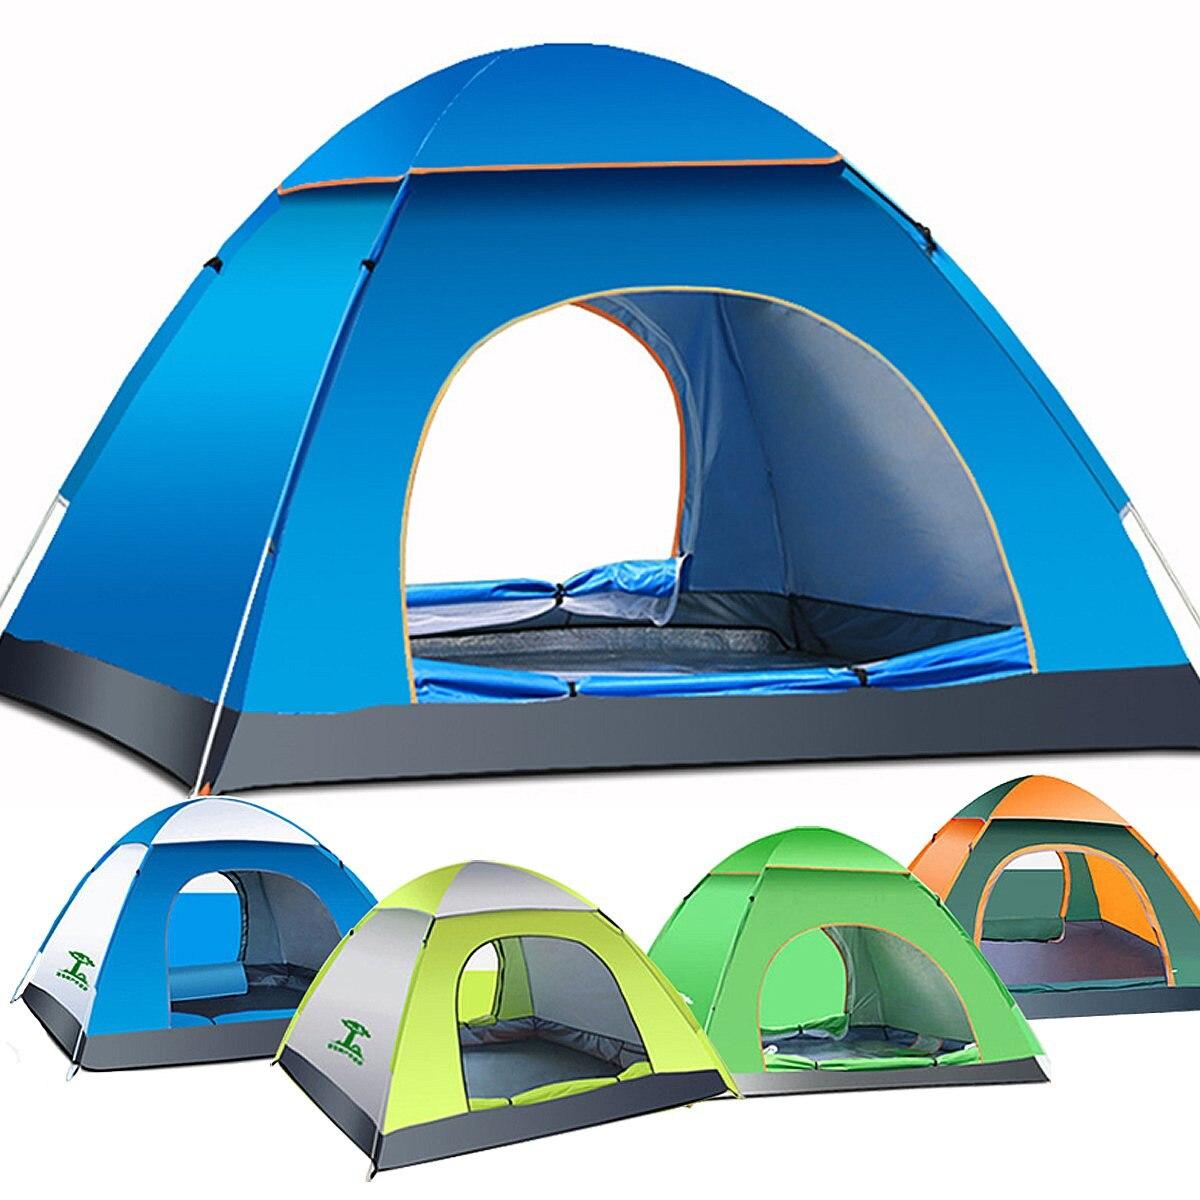 1 шт. 3-4 человек автоматическая Быстрое открытие палатку снаружи 170 т fulmargin ткань полюс GRP Три сезон туристическая палатка